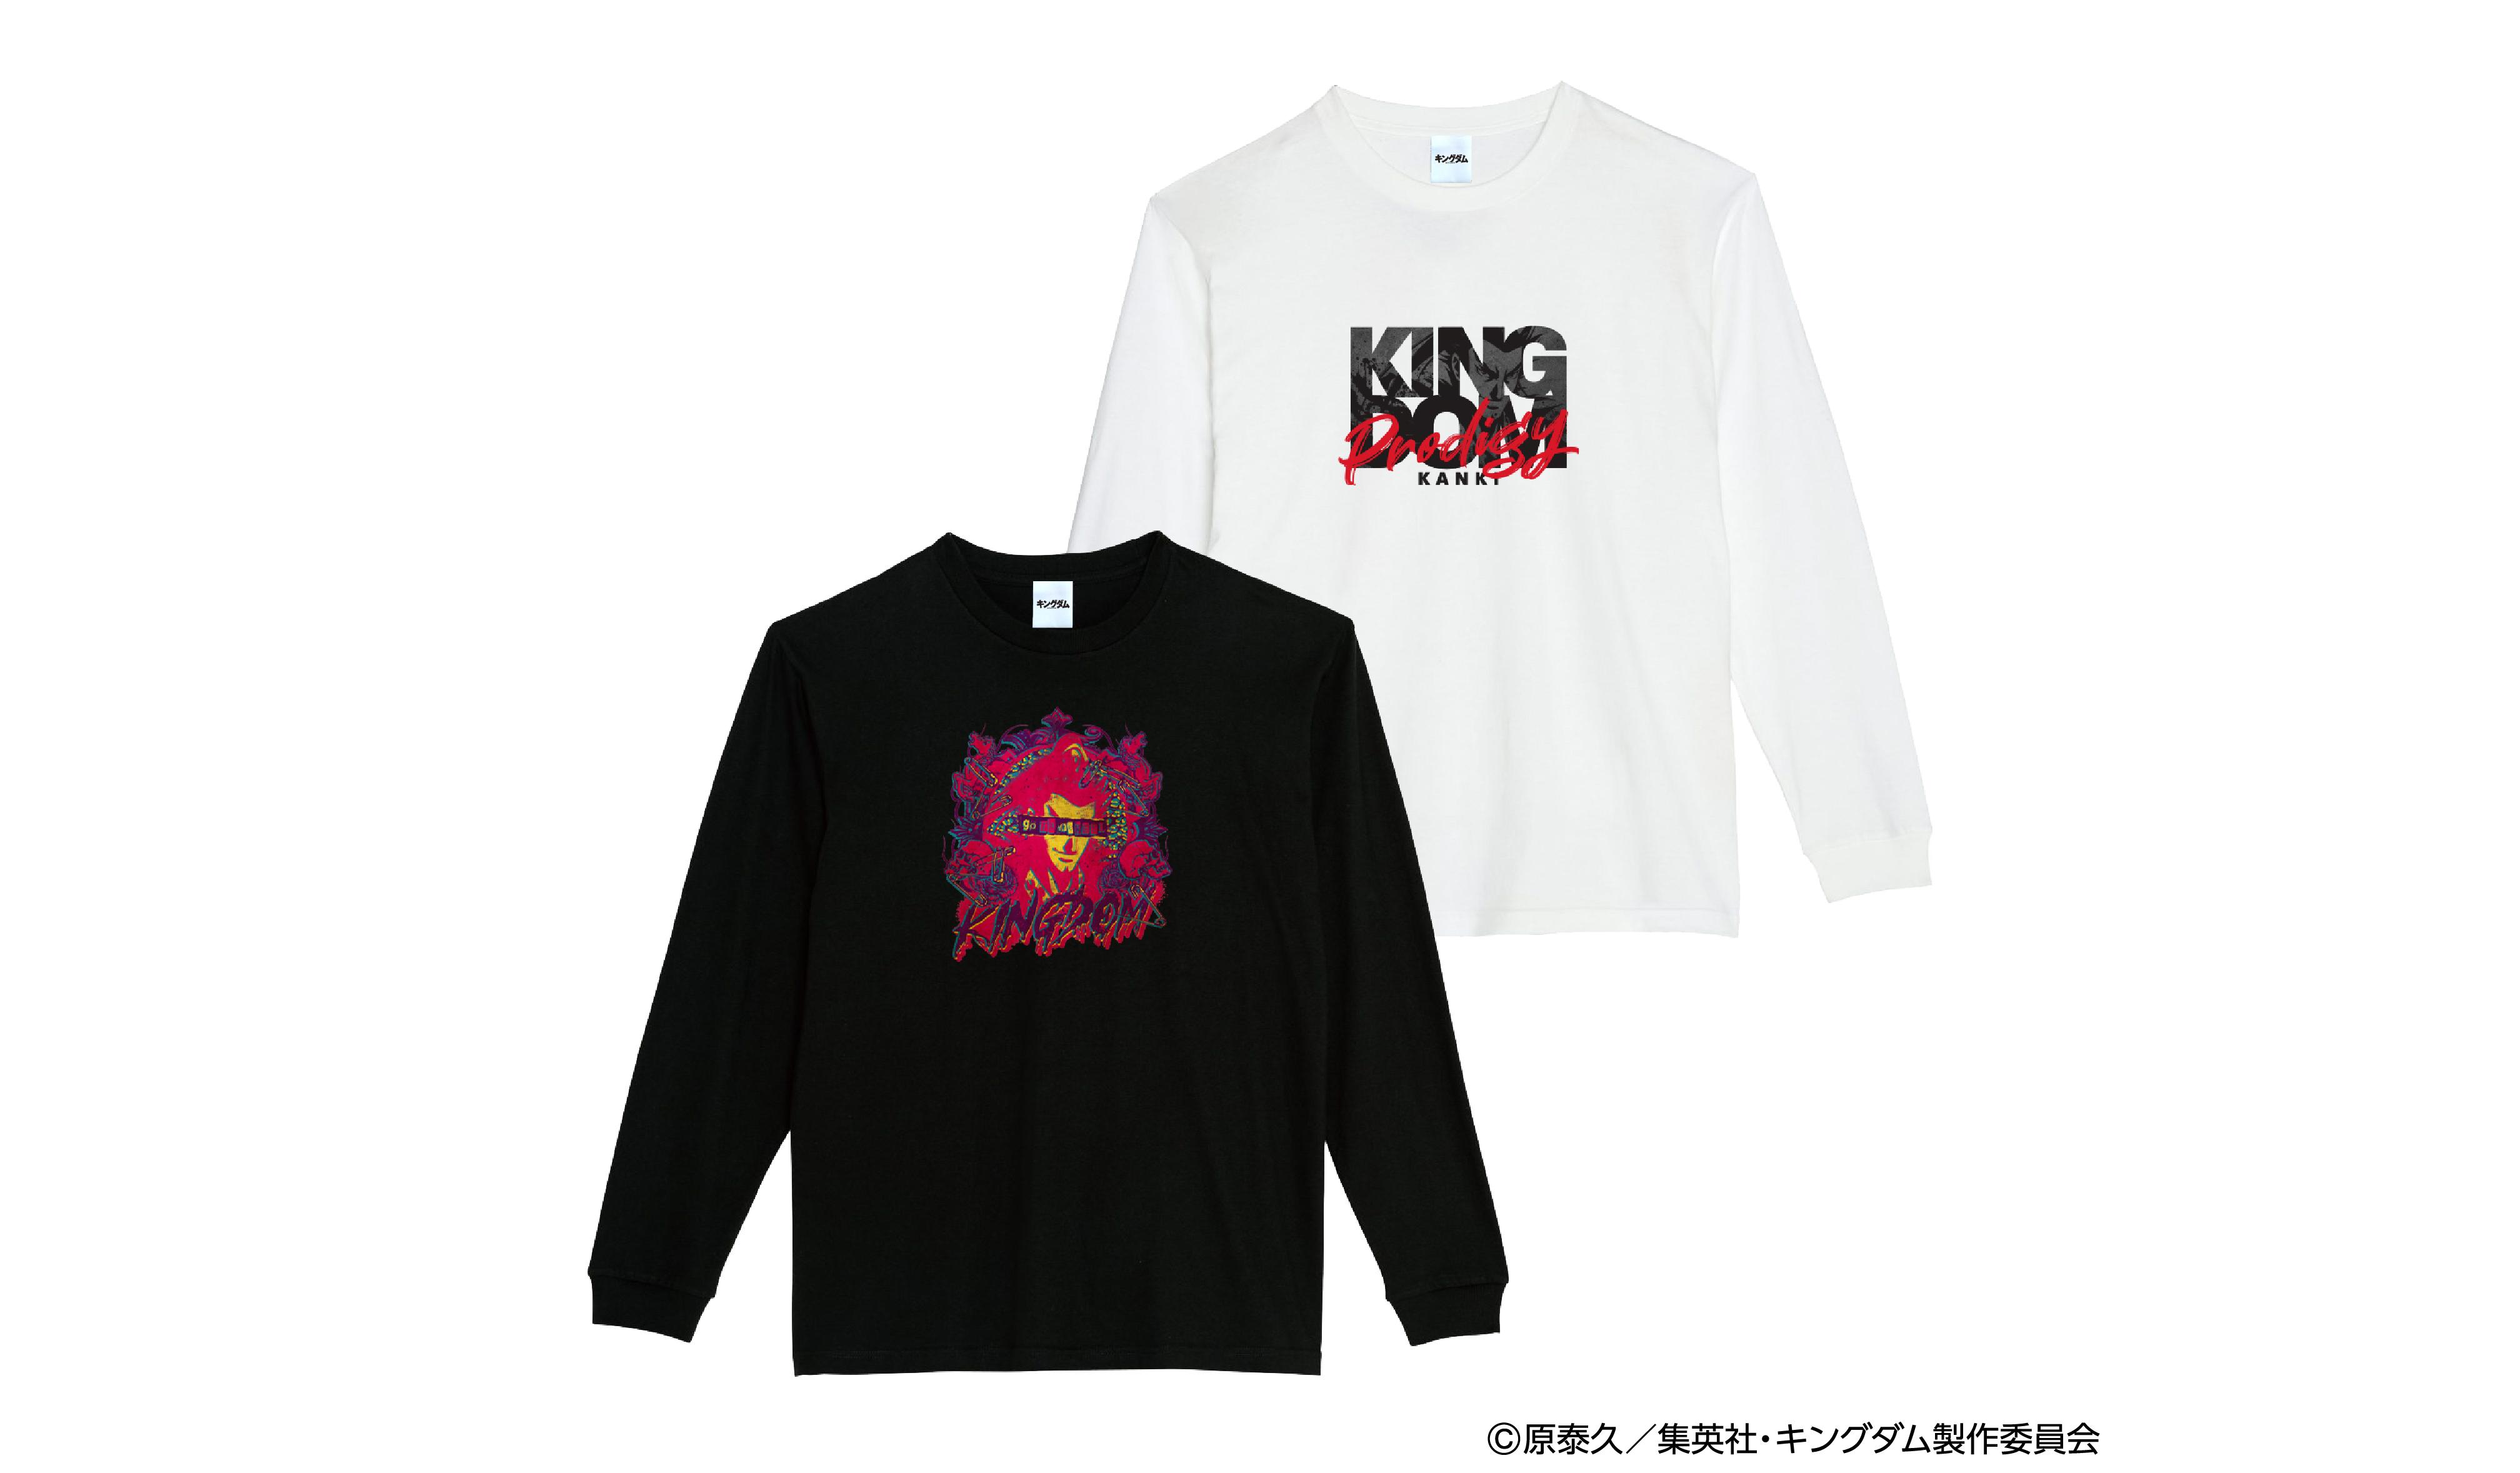 キングダム L/S Tシャツ 桓騎 ※5/28(金)より順次発送※